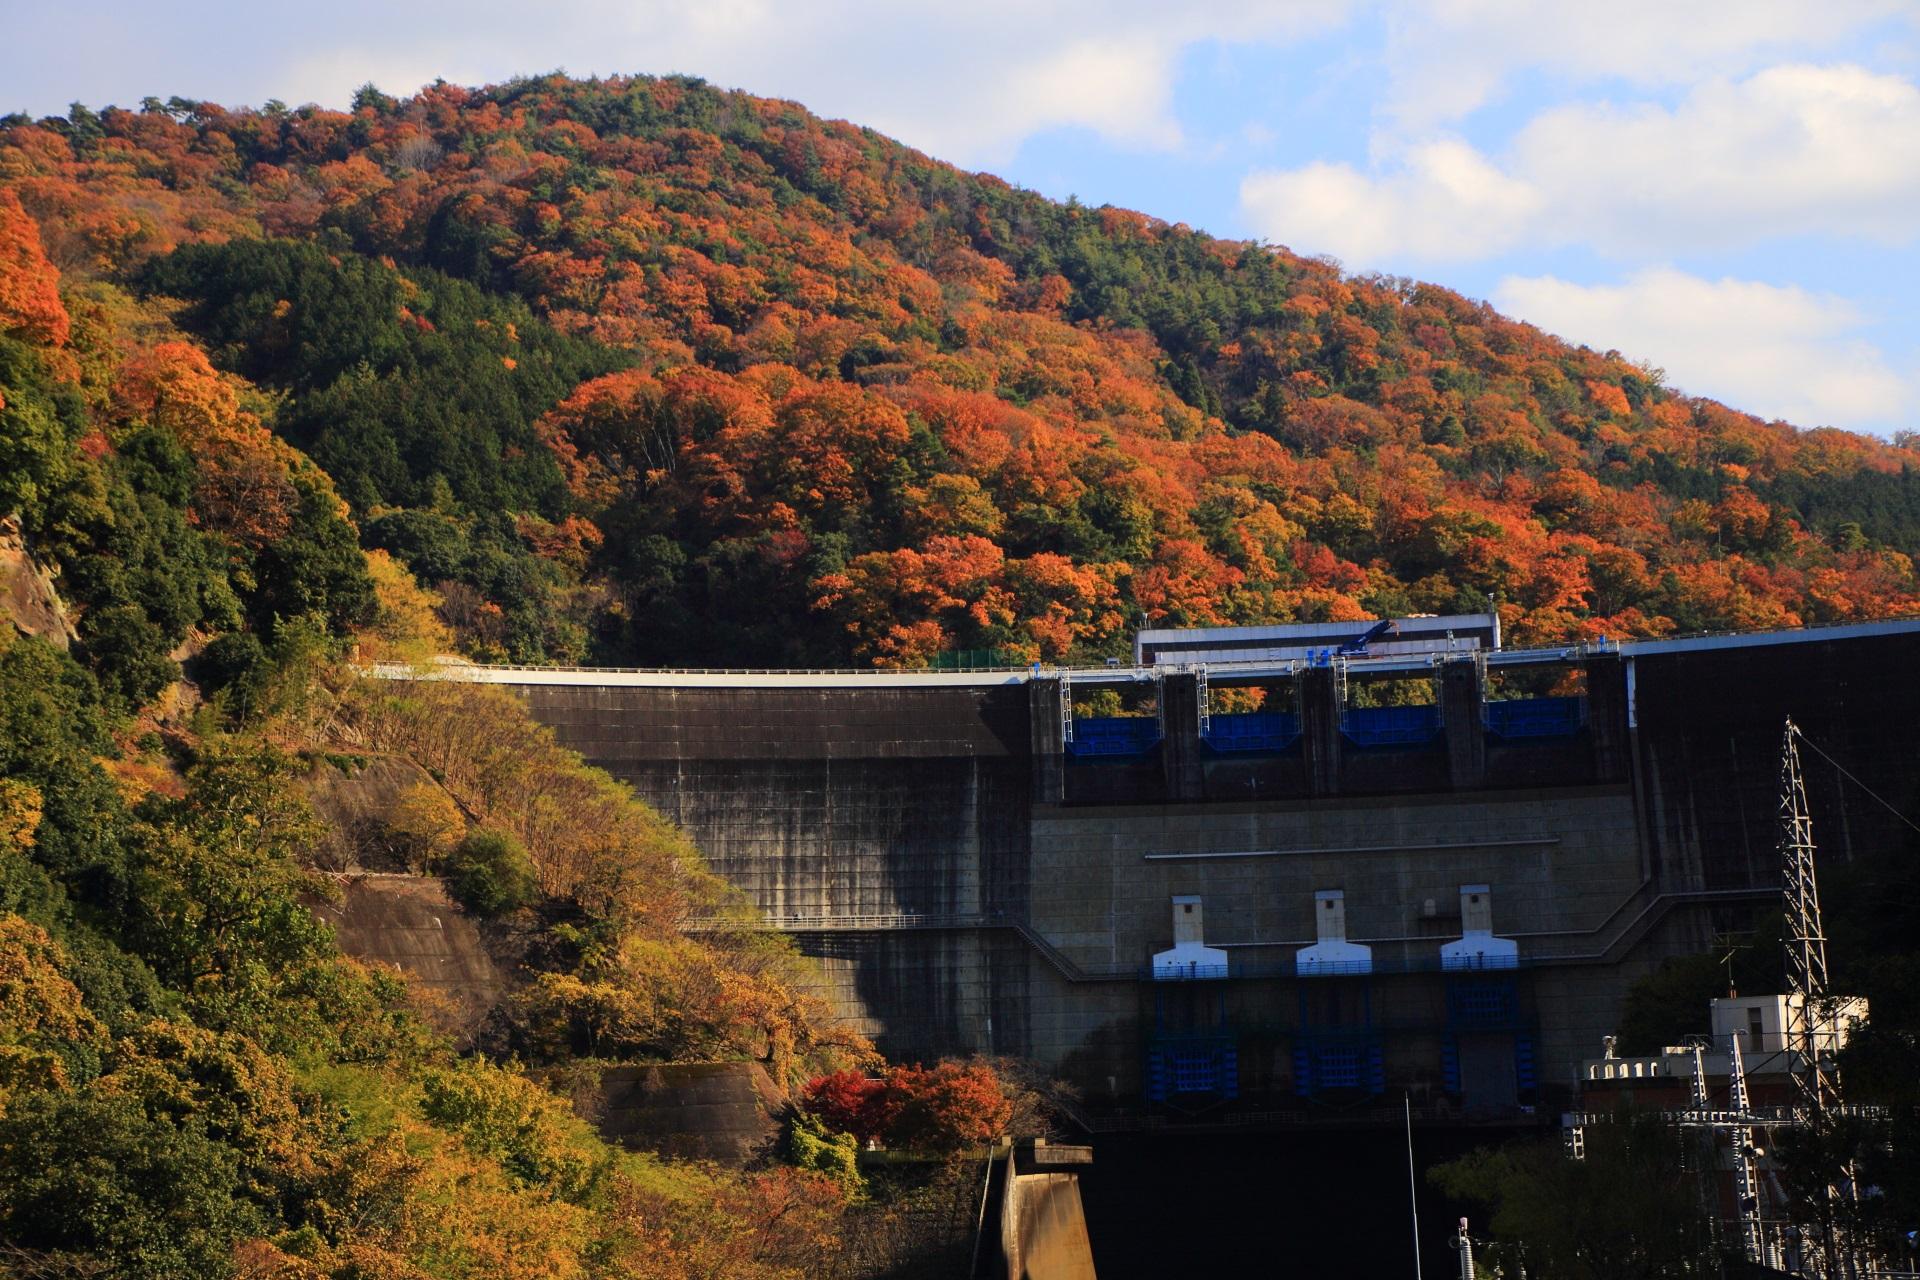 天ヶ瀬ダム 紅葉 山々とダムを彩る暖かな秋色